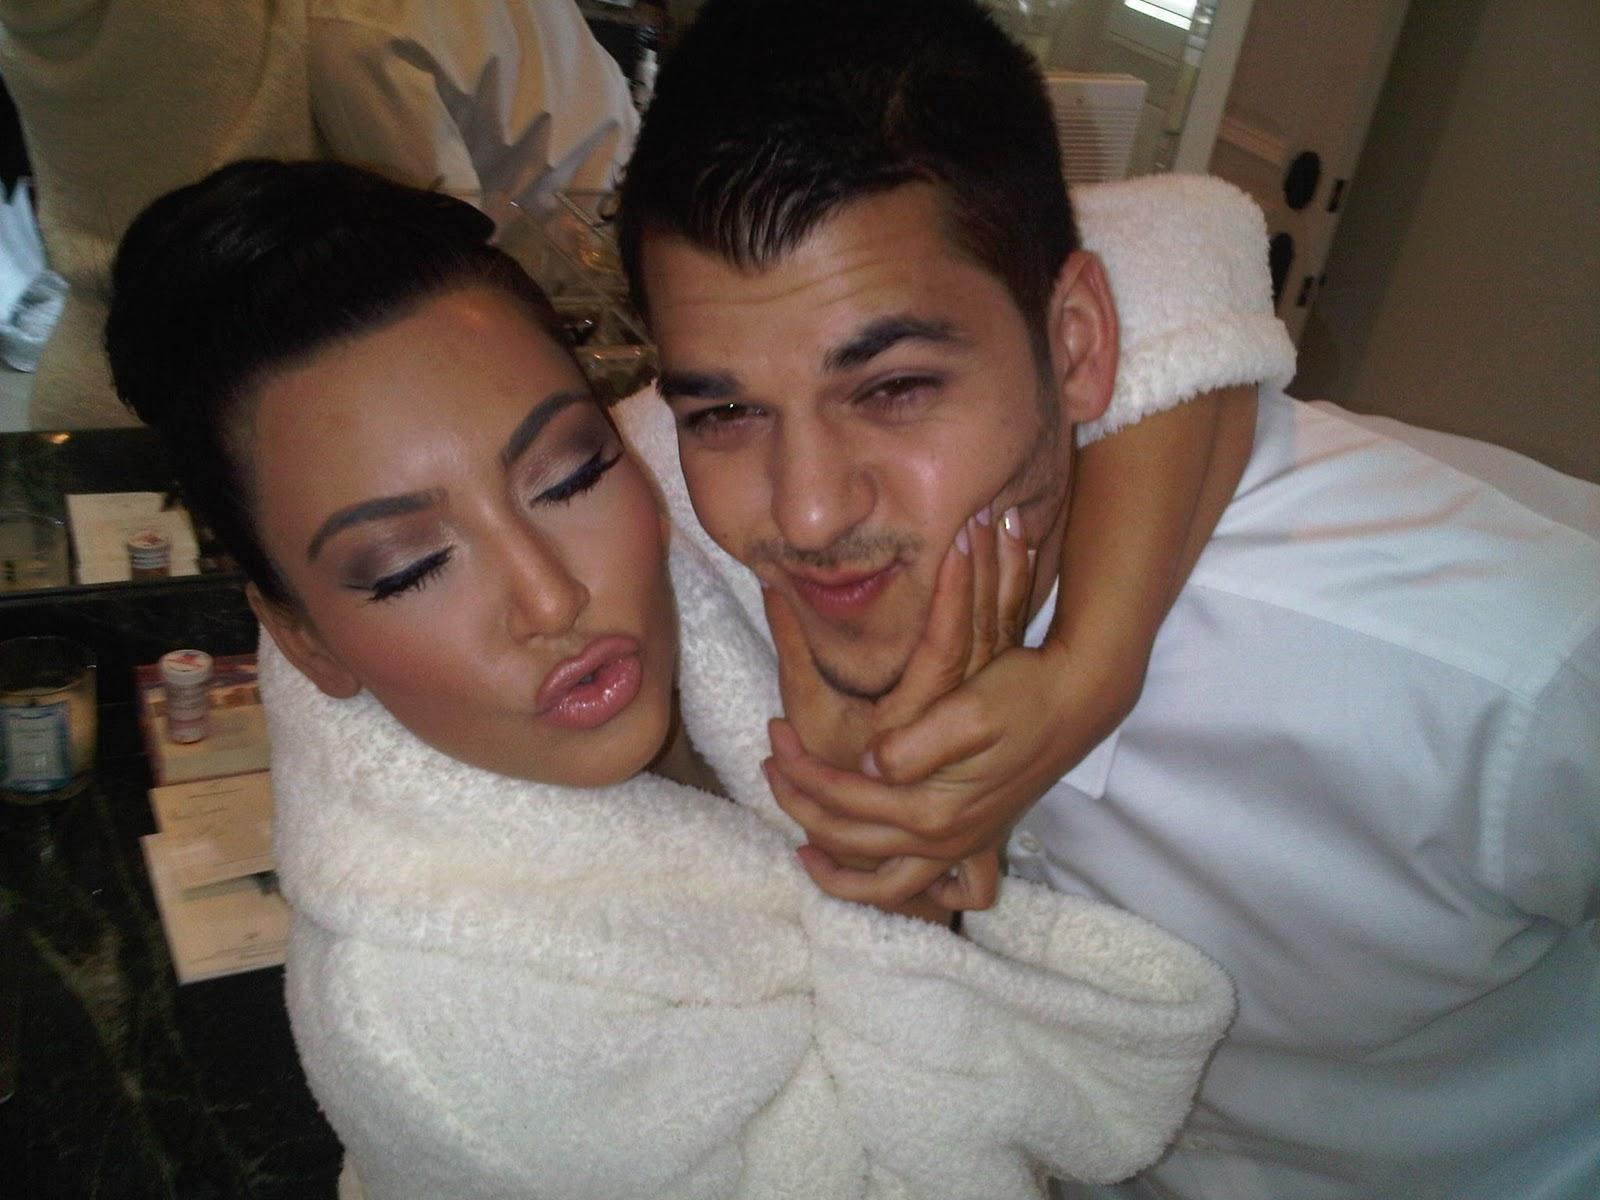 http://4.bp.blogspot.com/_6i4VPSyuwsM/TPD4p9YjoAI/AAAAAAAAA2A/l6UhiMPH3Oc/s1600/kim+kardashian+twitpic+1.jpg